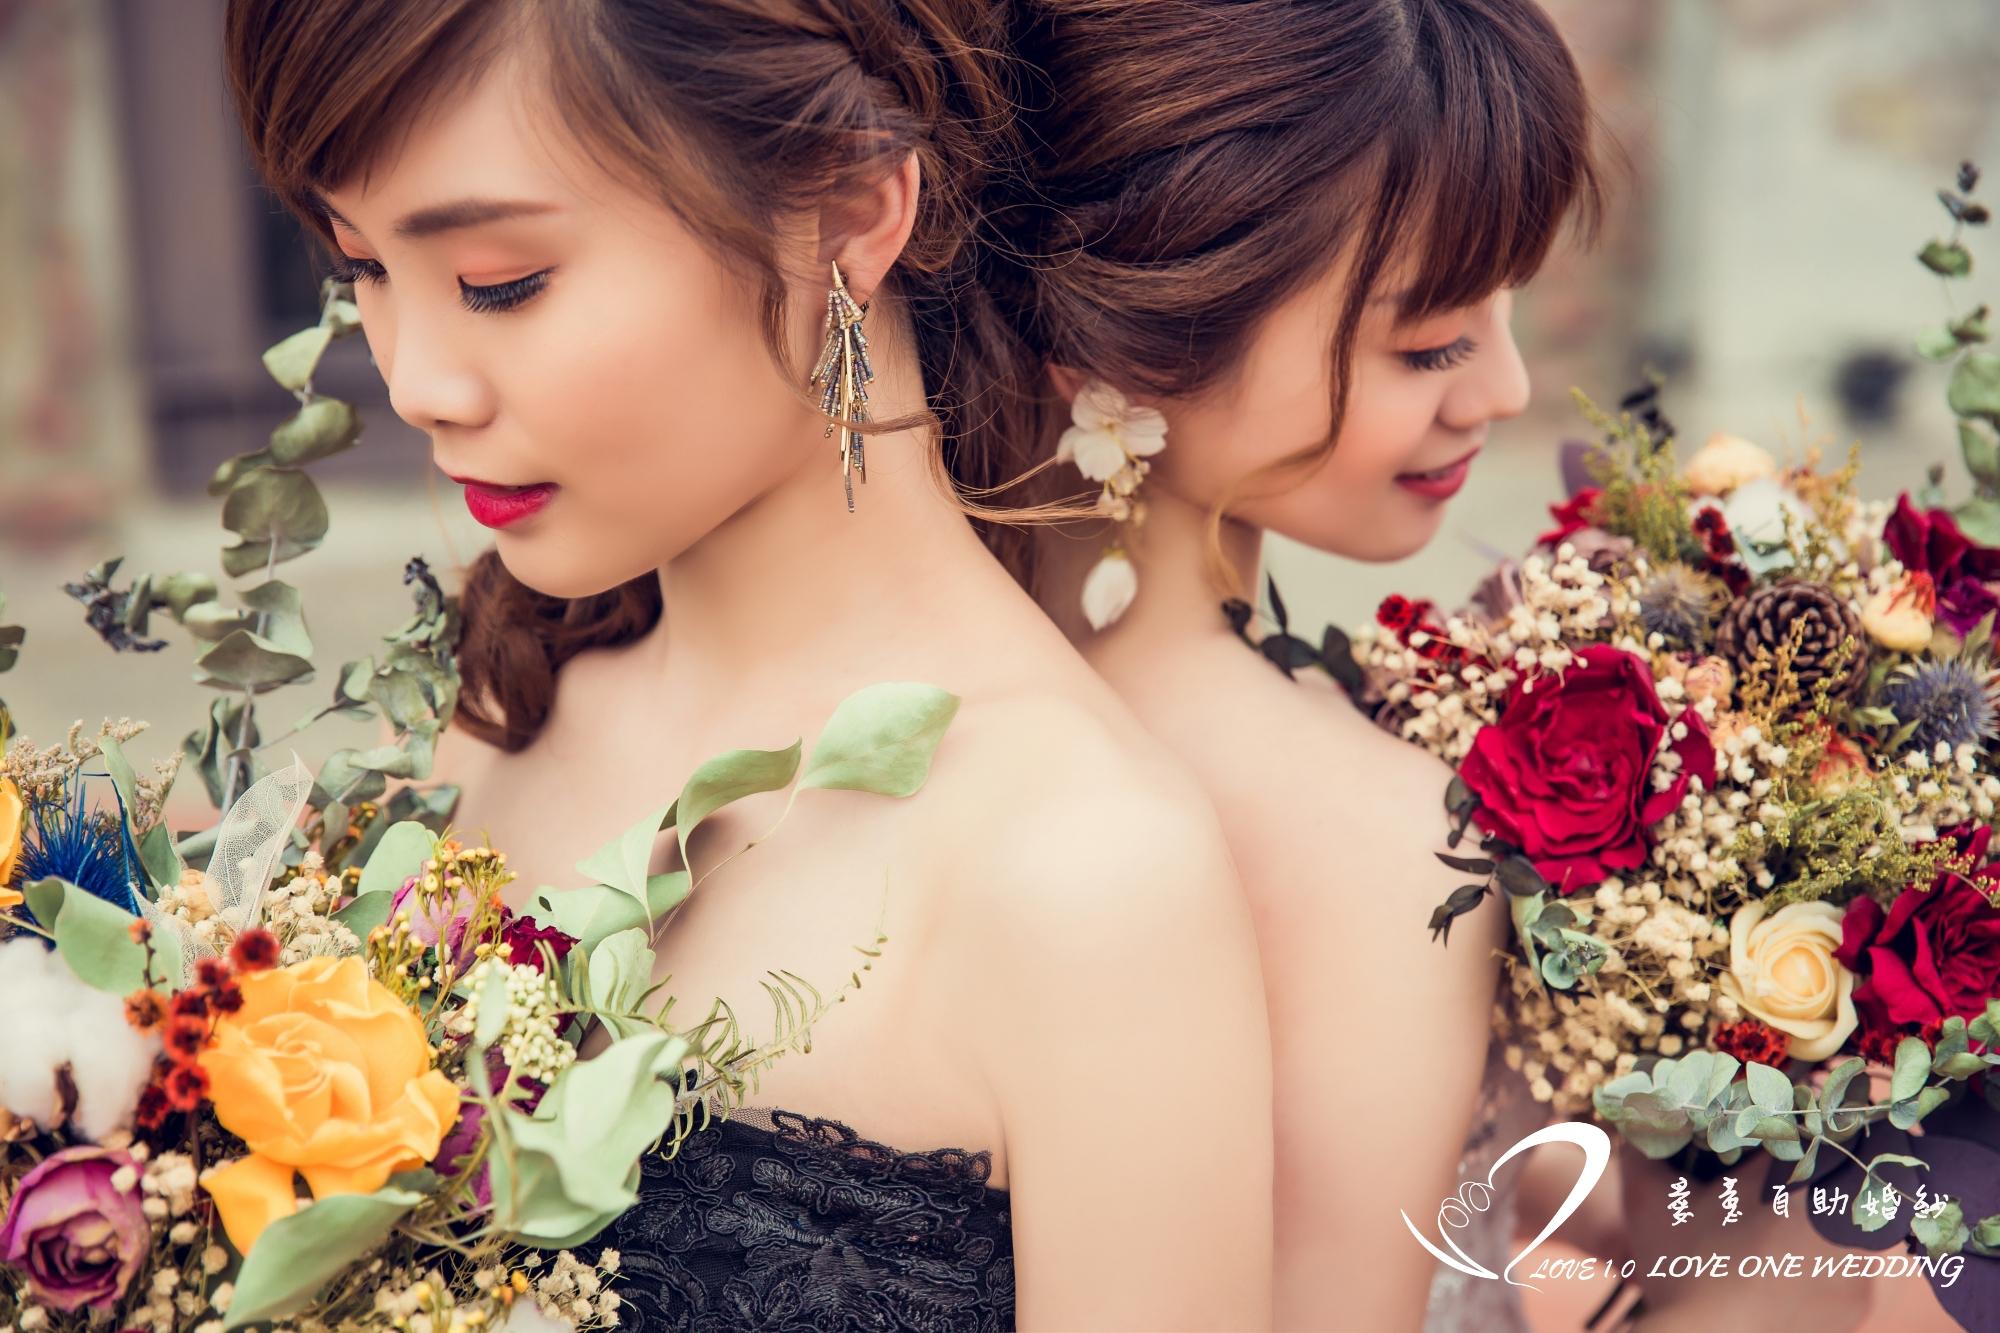 高雄閨蜜婚紗攝影119